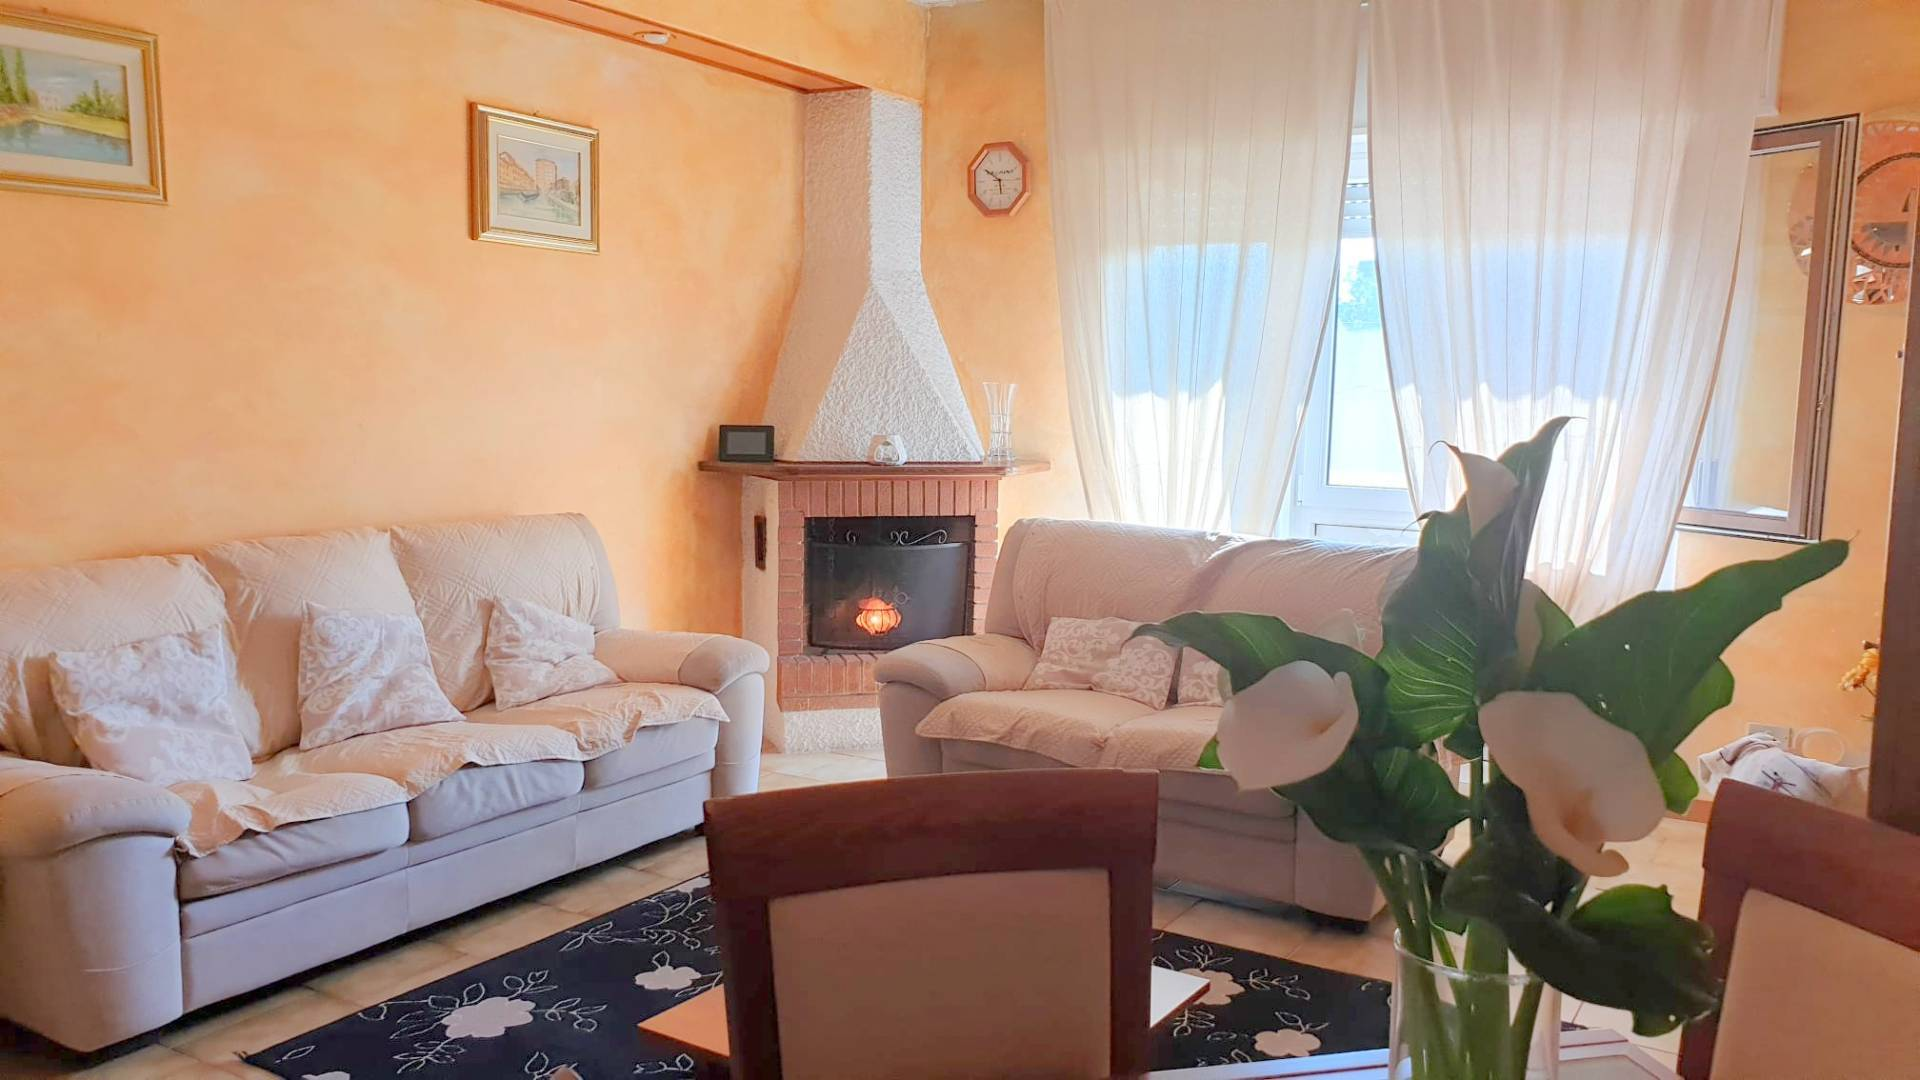 Appartamento in vendita a Mezzago, 3 locali, prezzo € 105.000 | CambioCasa.it